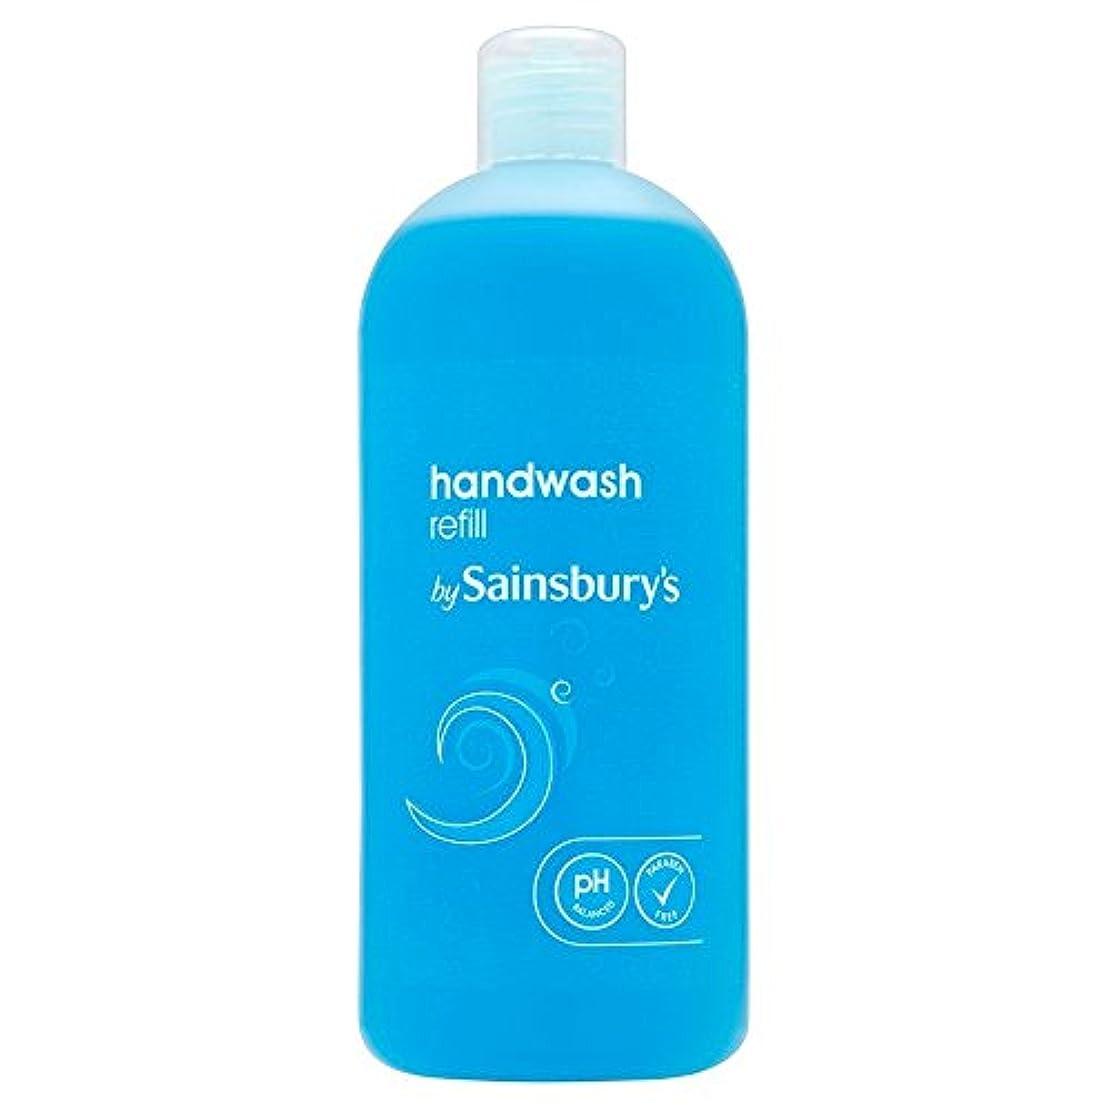 山岳検出器エミュレートするSainsbury's Handwash, Blue Refill 500ml - (Sainsbury's) 手洗い、青のリフィル500ミリリットル [並行輸入品]